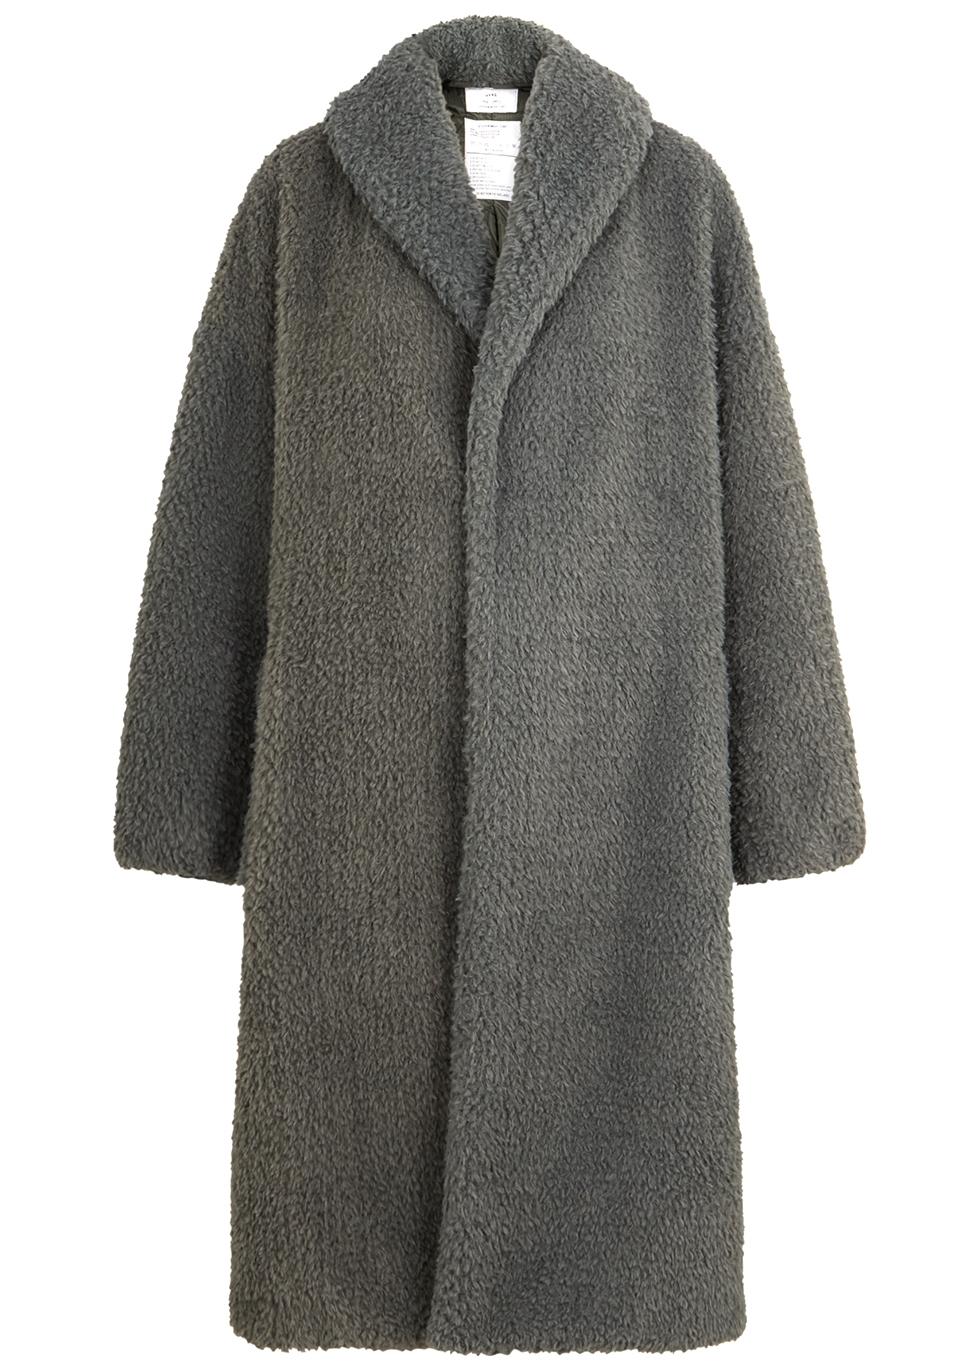 Grey faux shearling coat